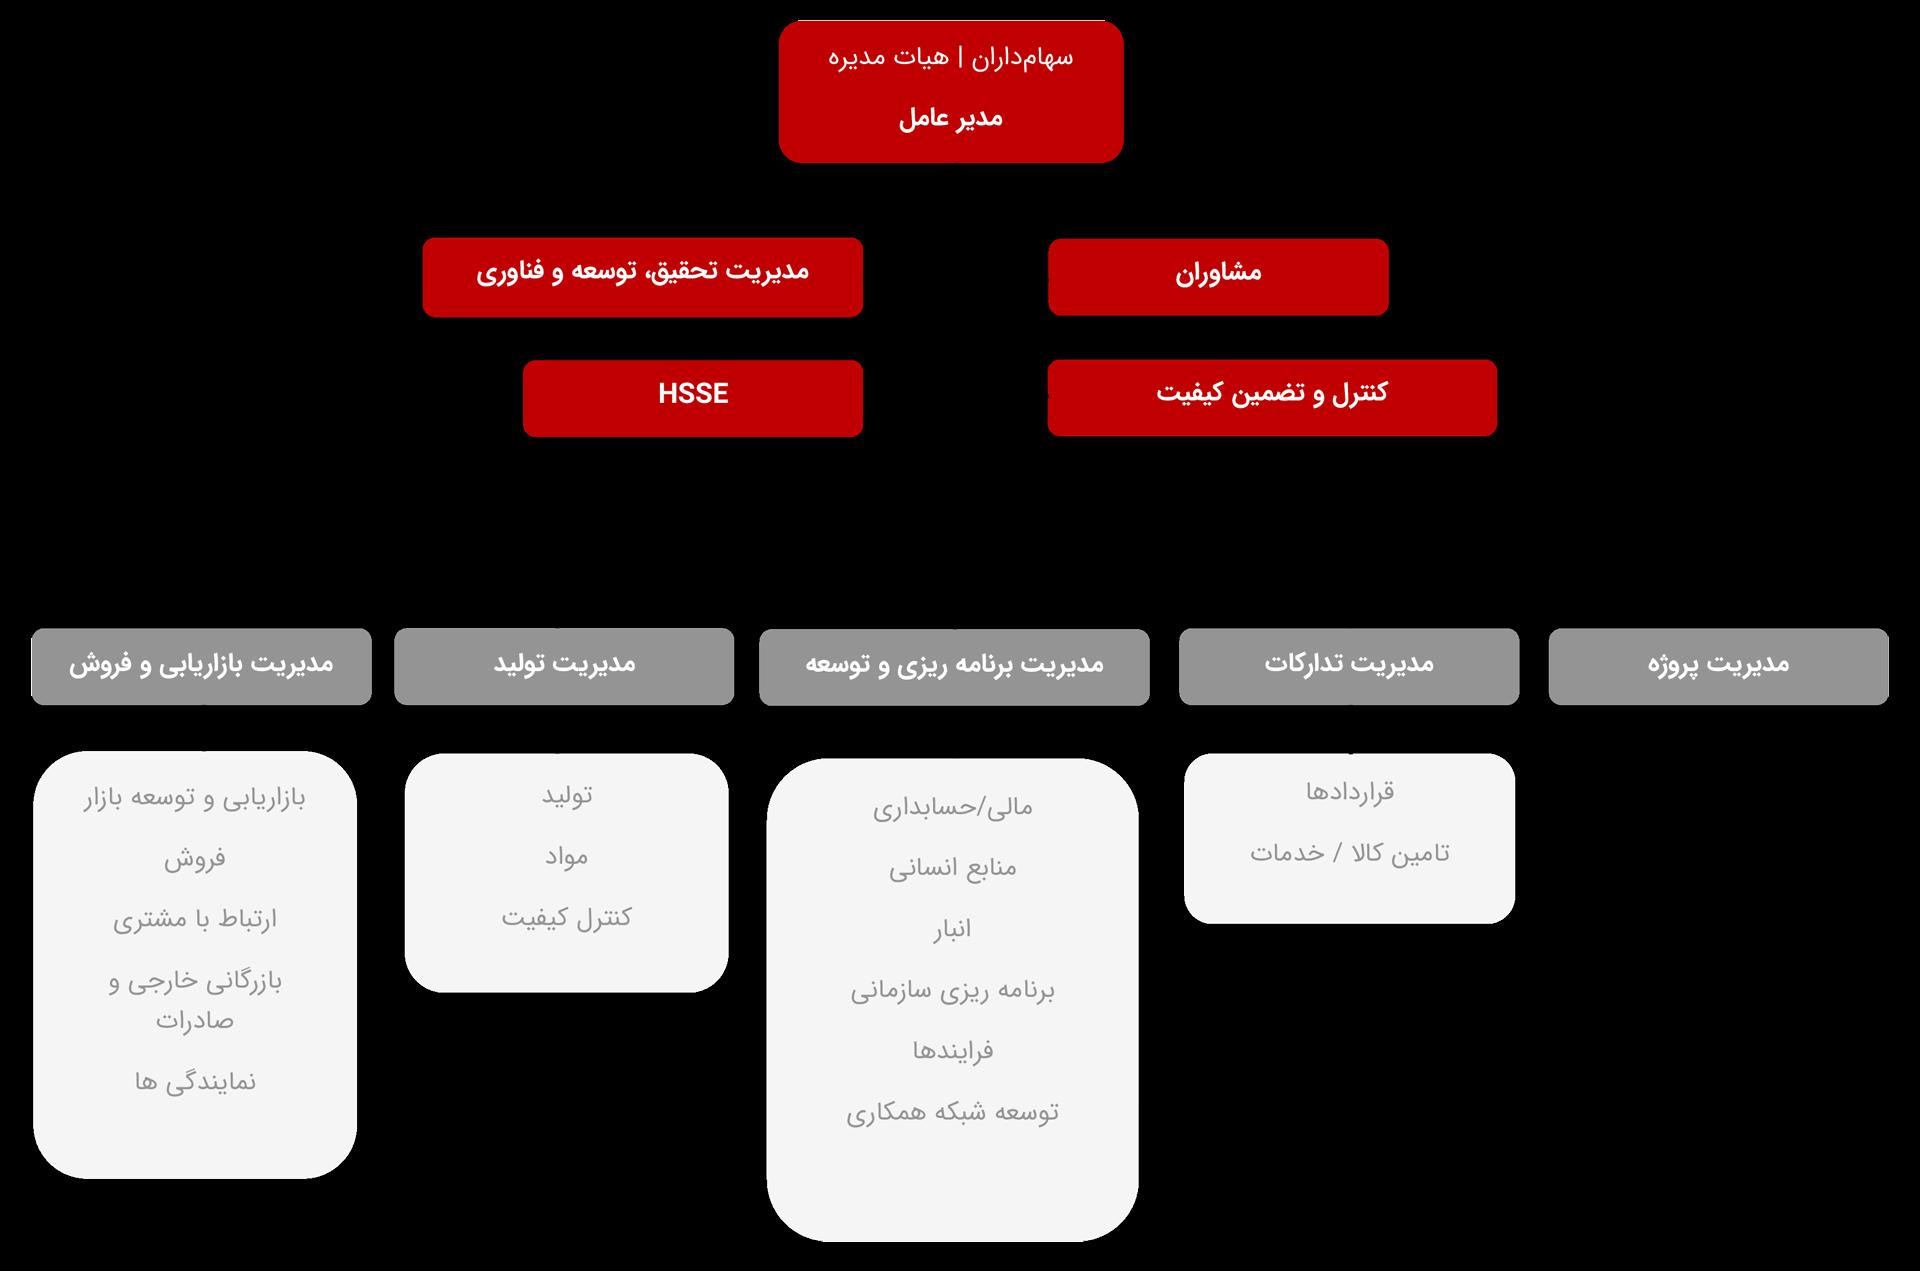 چارت سازمانی ماتیا